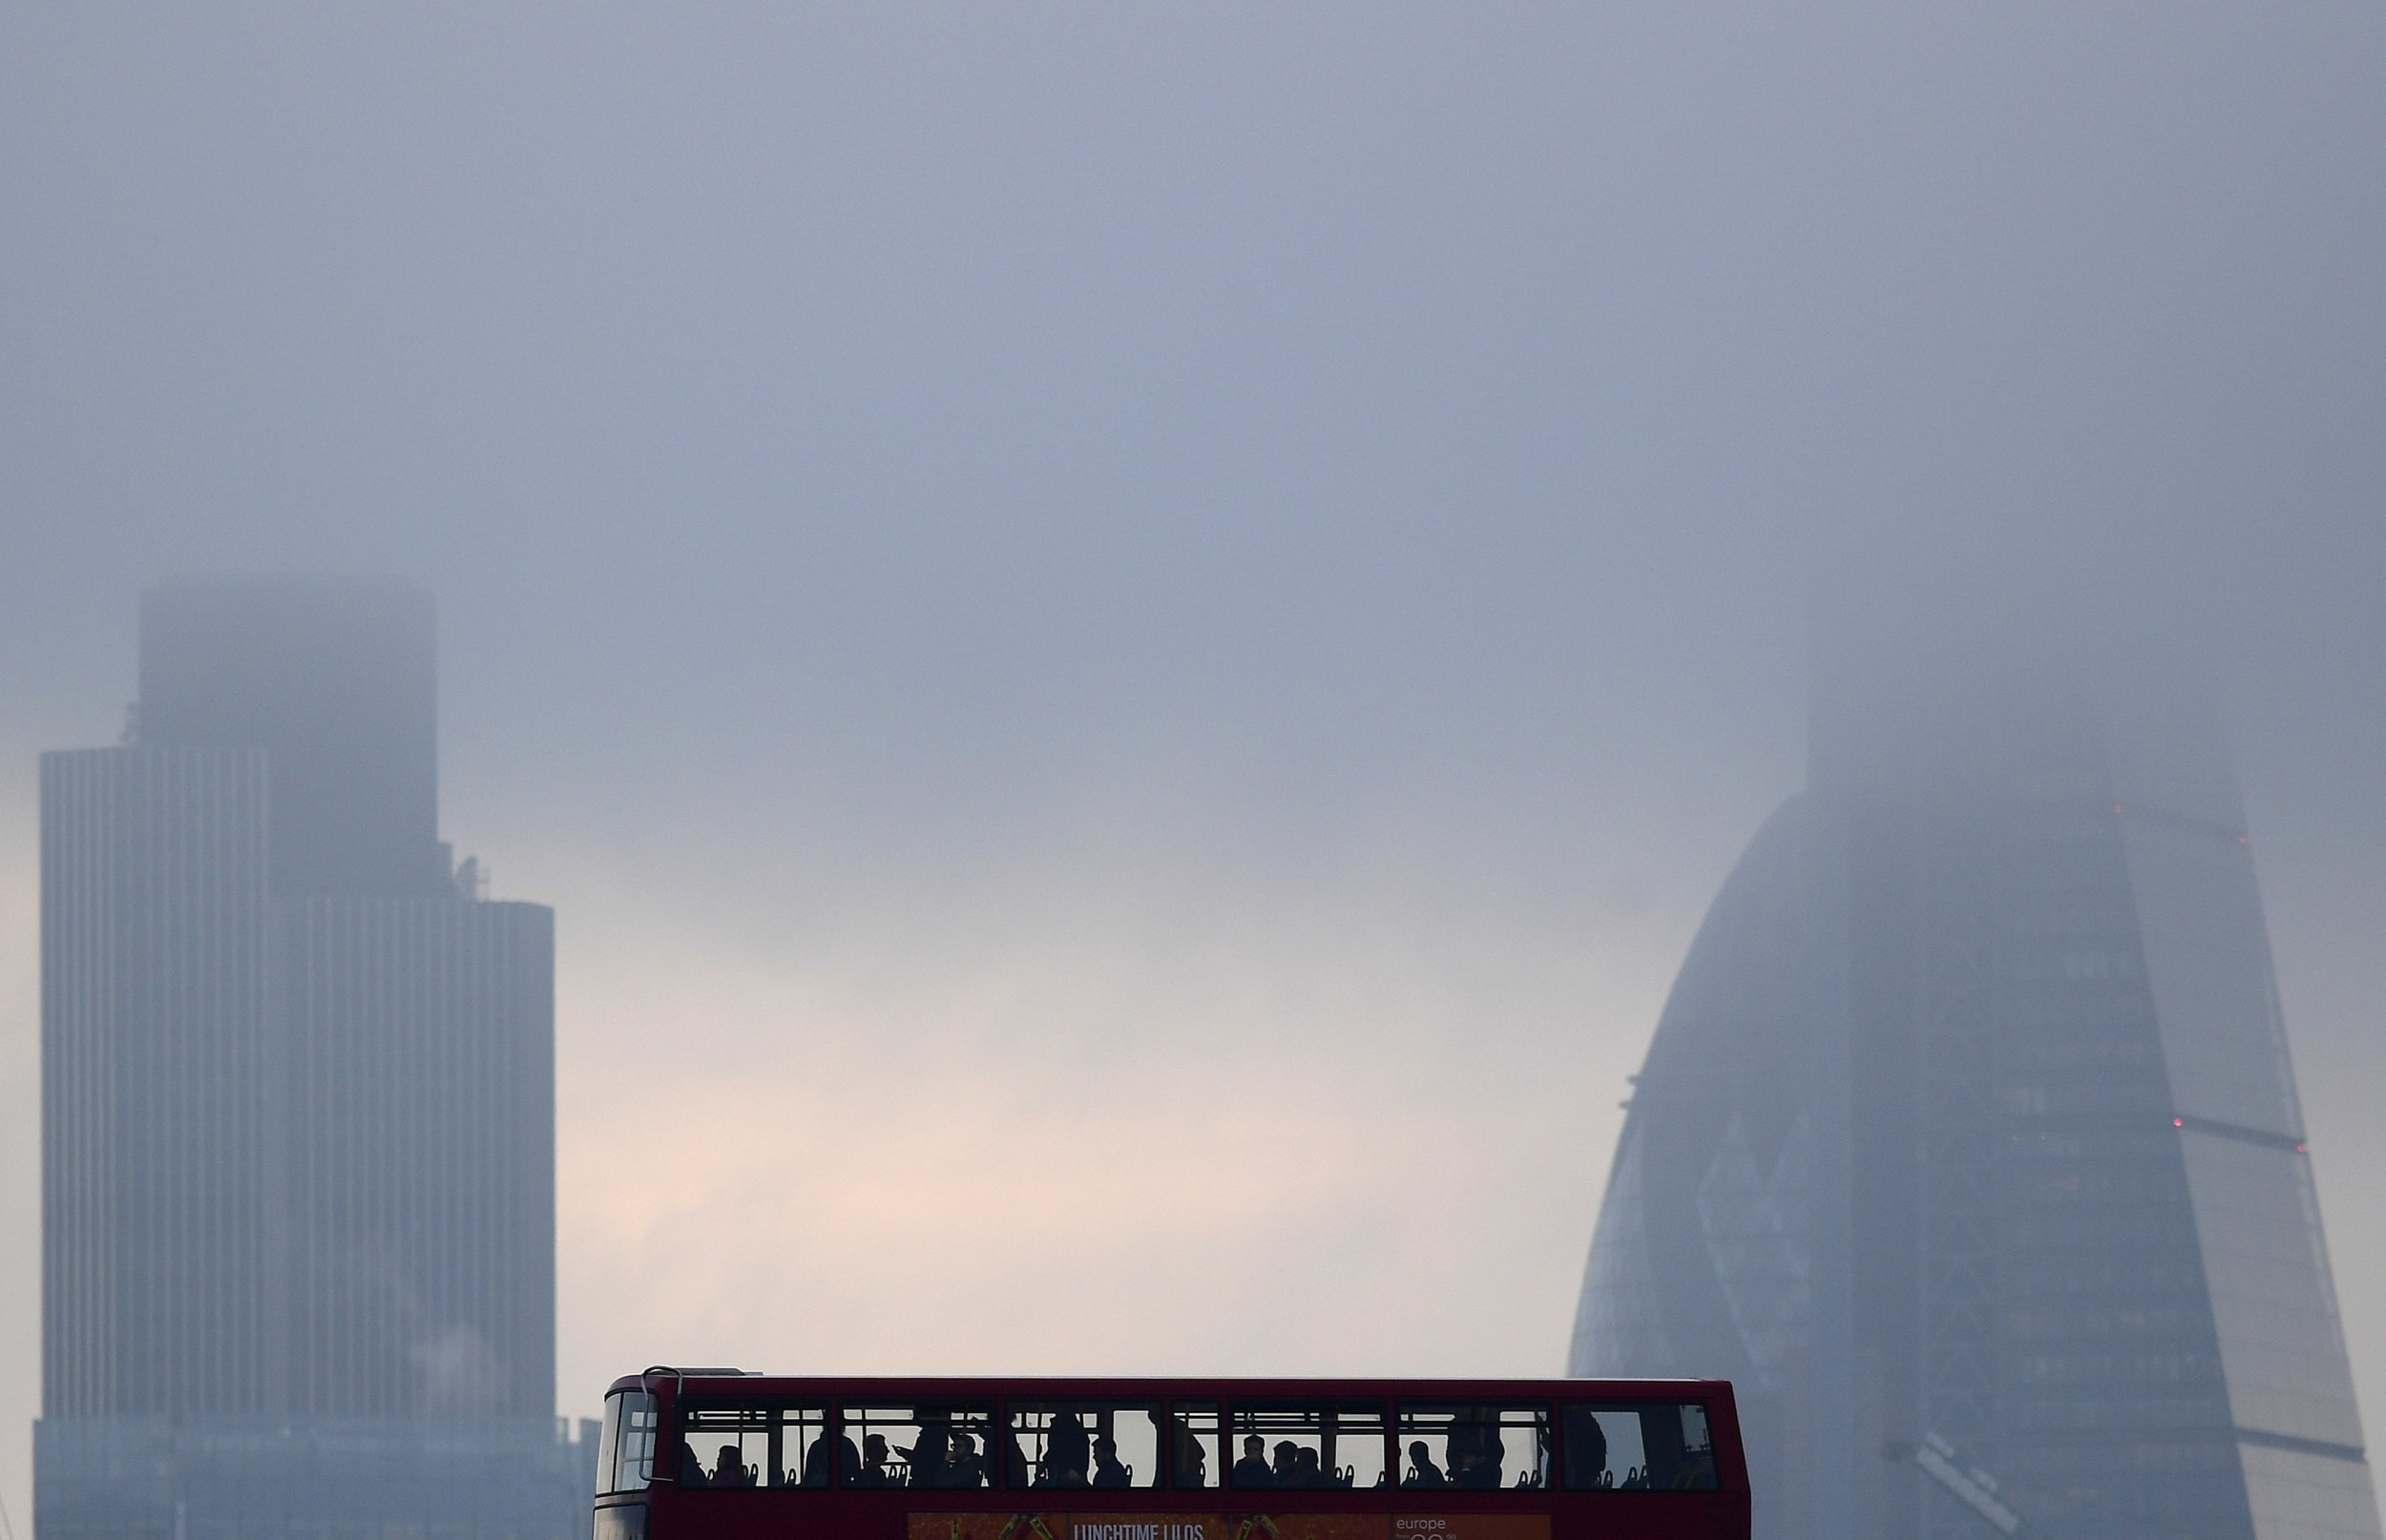 London city centre